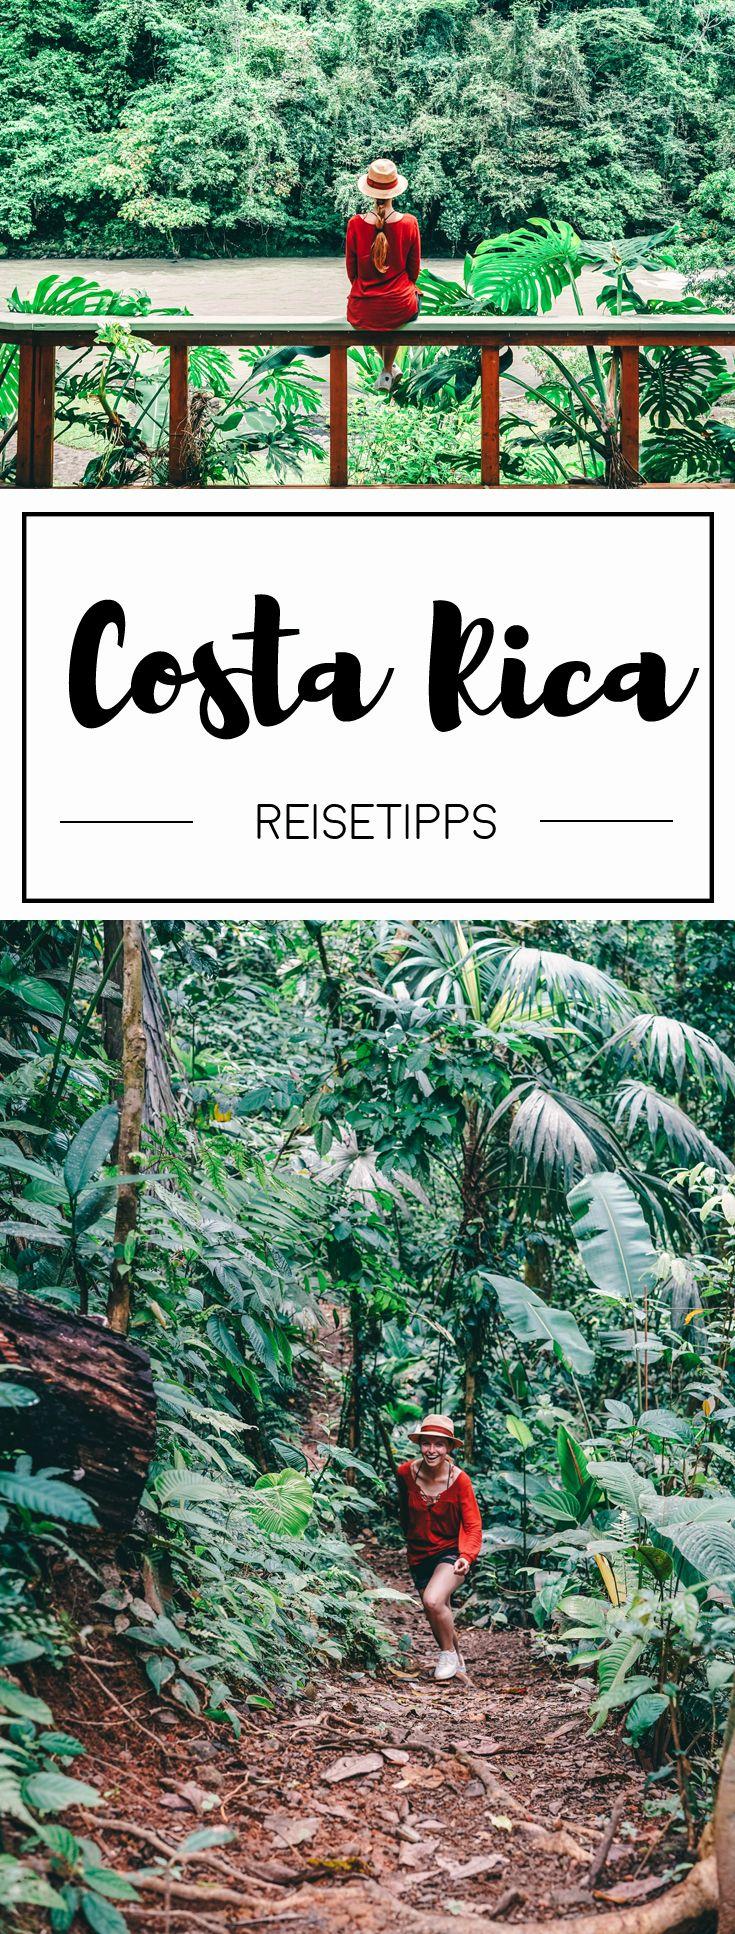 Ich hätte nie gedacht, dass ich in nur einer Woche in Costa Rica die Hauptstadt San José mit ihrem Umland kennenlerne, über eine Kaffeeplantage schlendere, im Dschungel lebe, am Strand surfe und im Thermalwasser vom Vulkan plantsche. Doch das war alles dabei und mit ein bisschen Zeit ist noch viel mehr möglich! Hier kommen meine 7 Tipps für eine unvergessliche Reise nach Costa Rica!